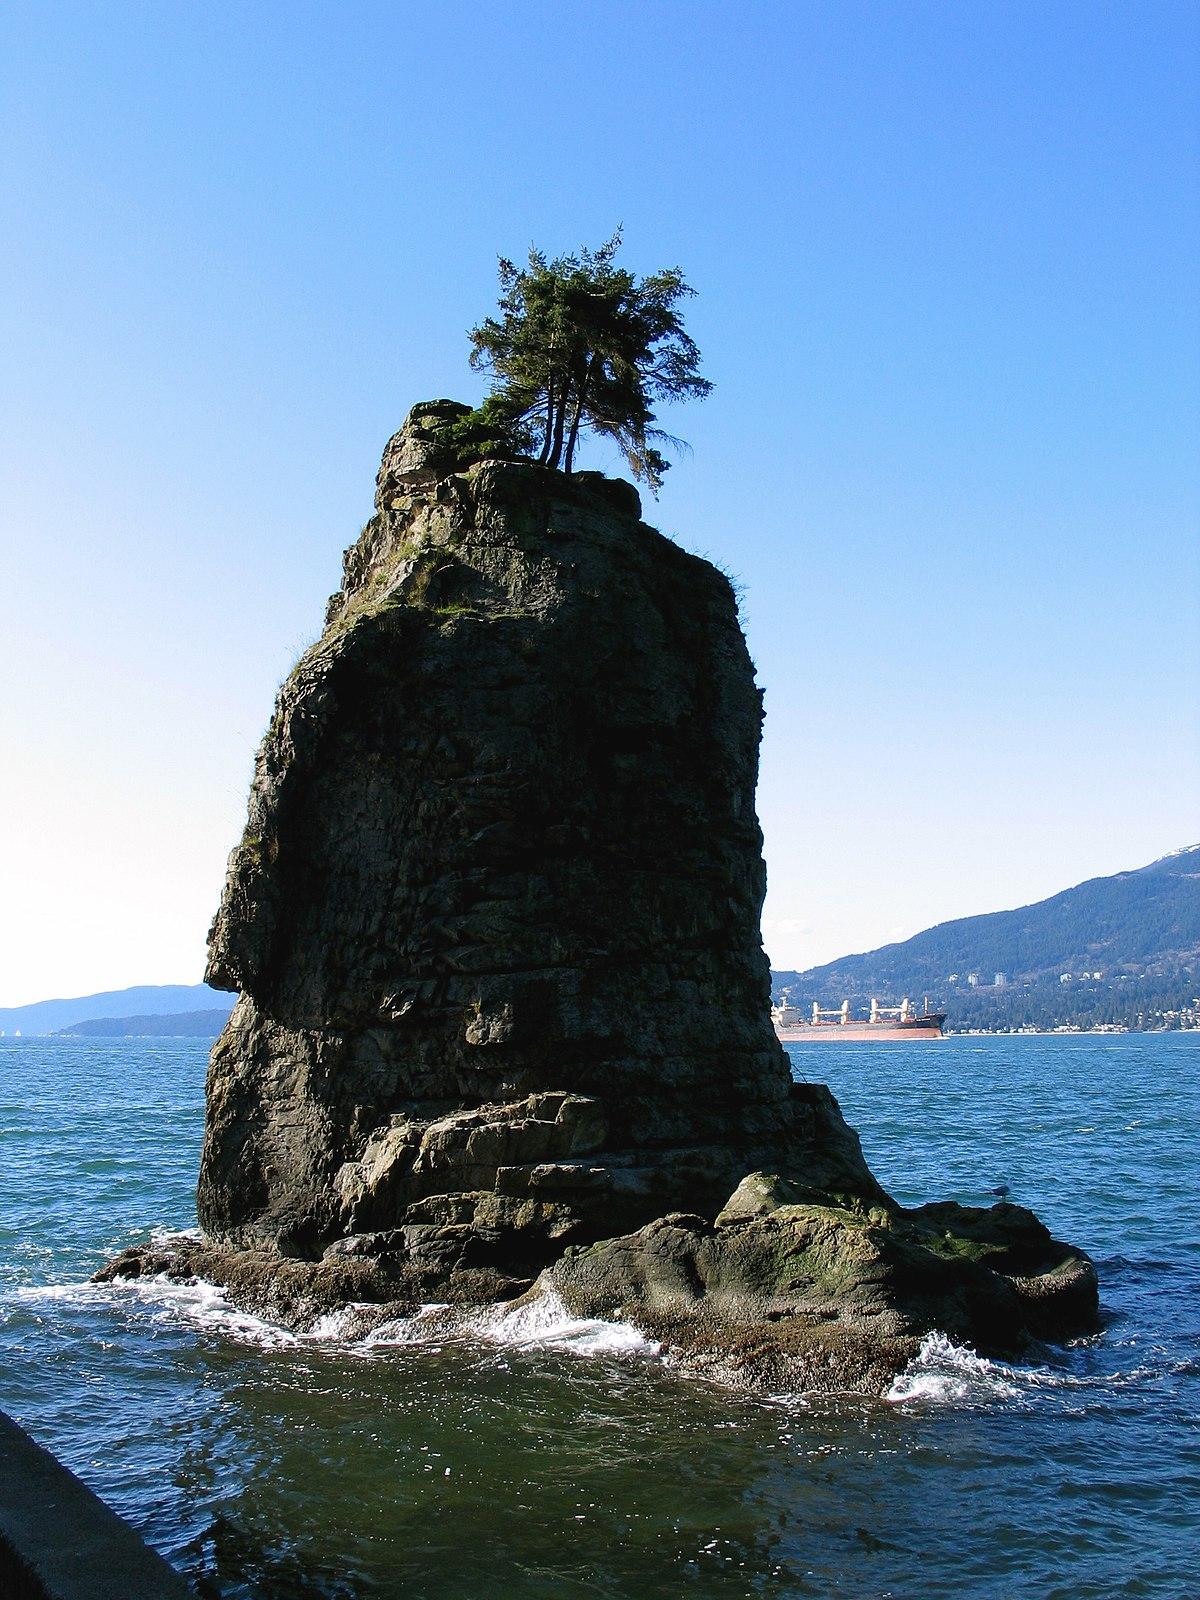 Siwash Rock - Wikipedi...